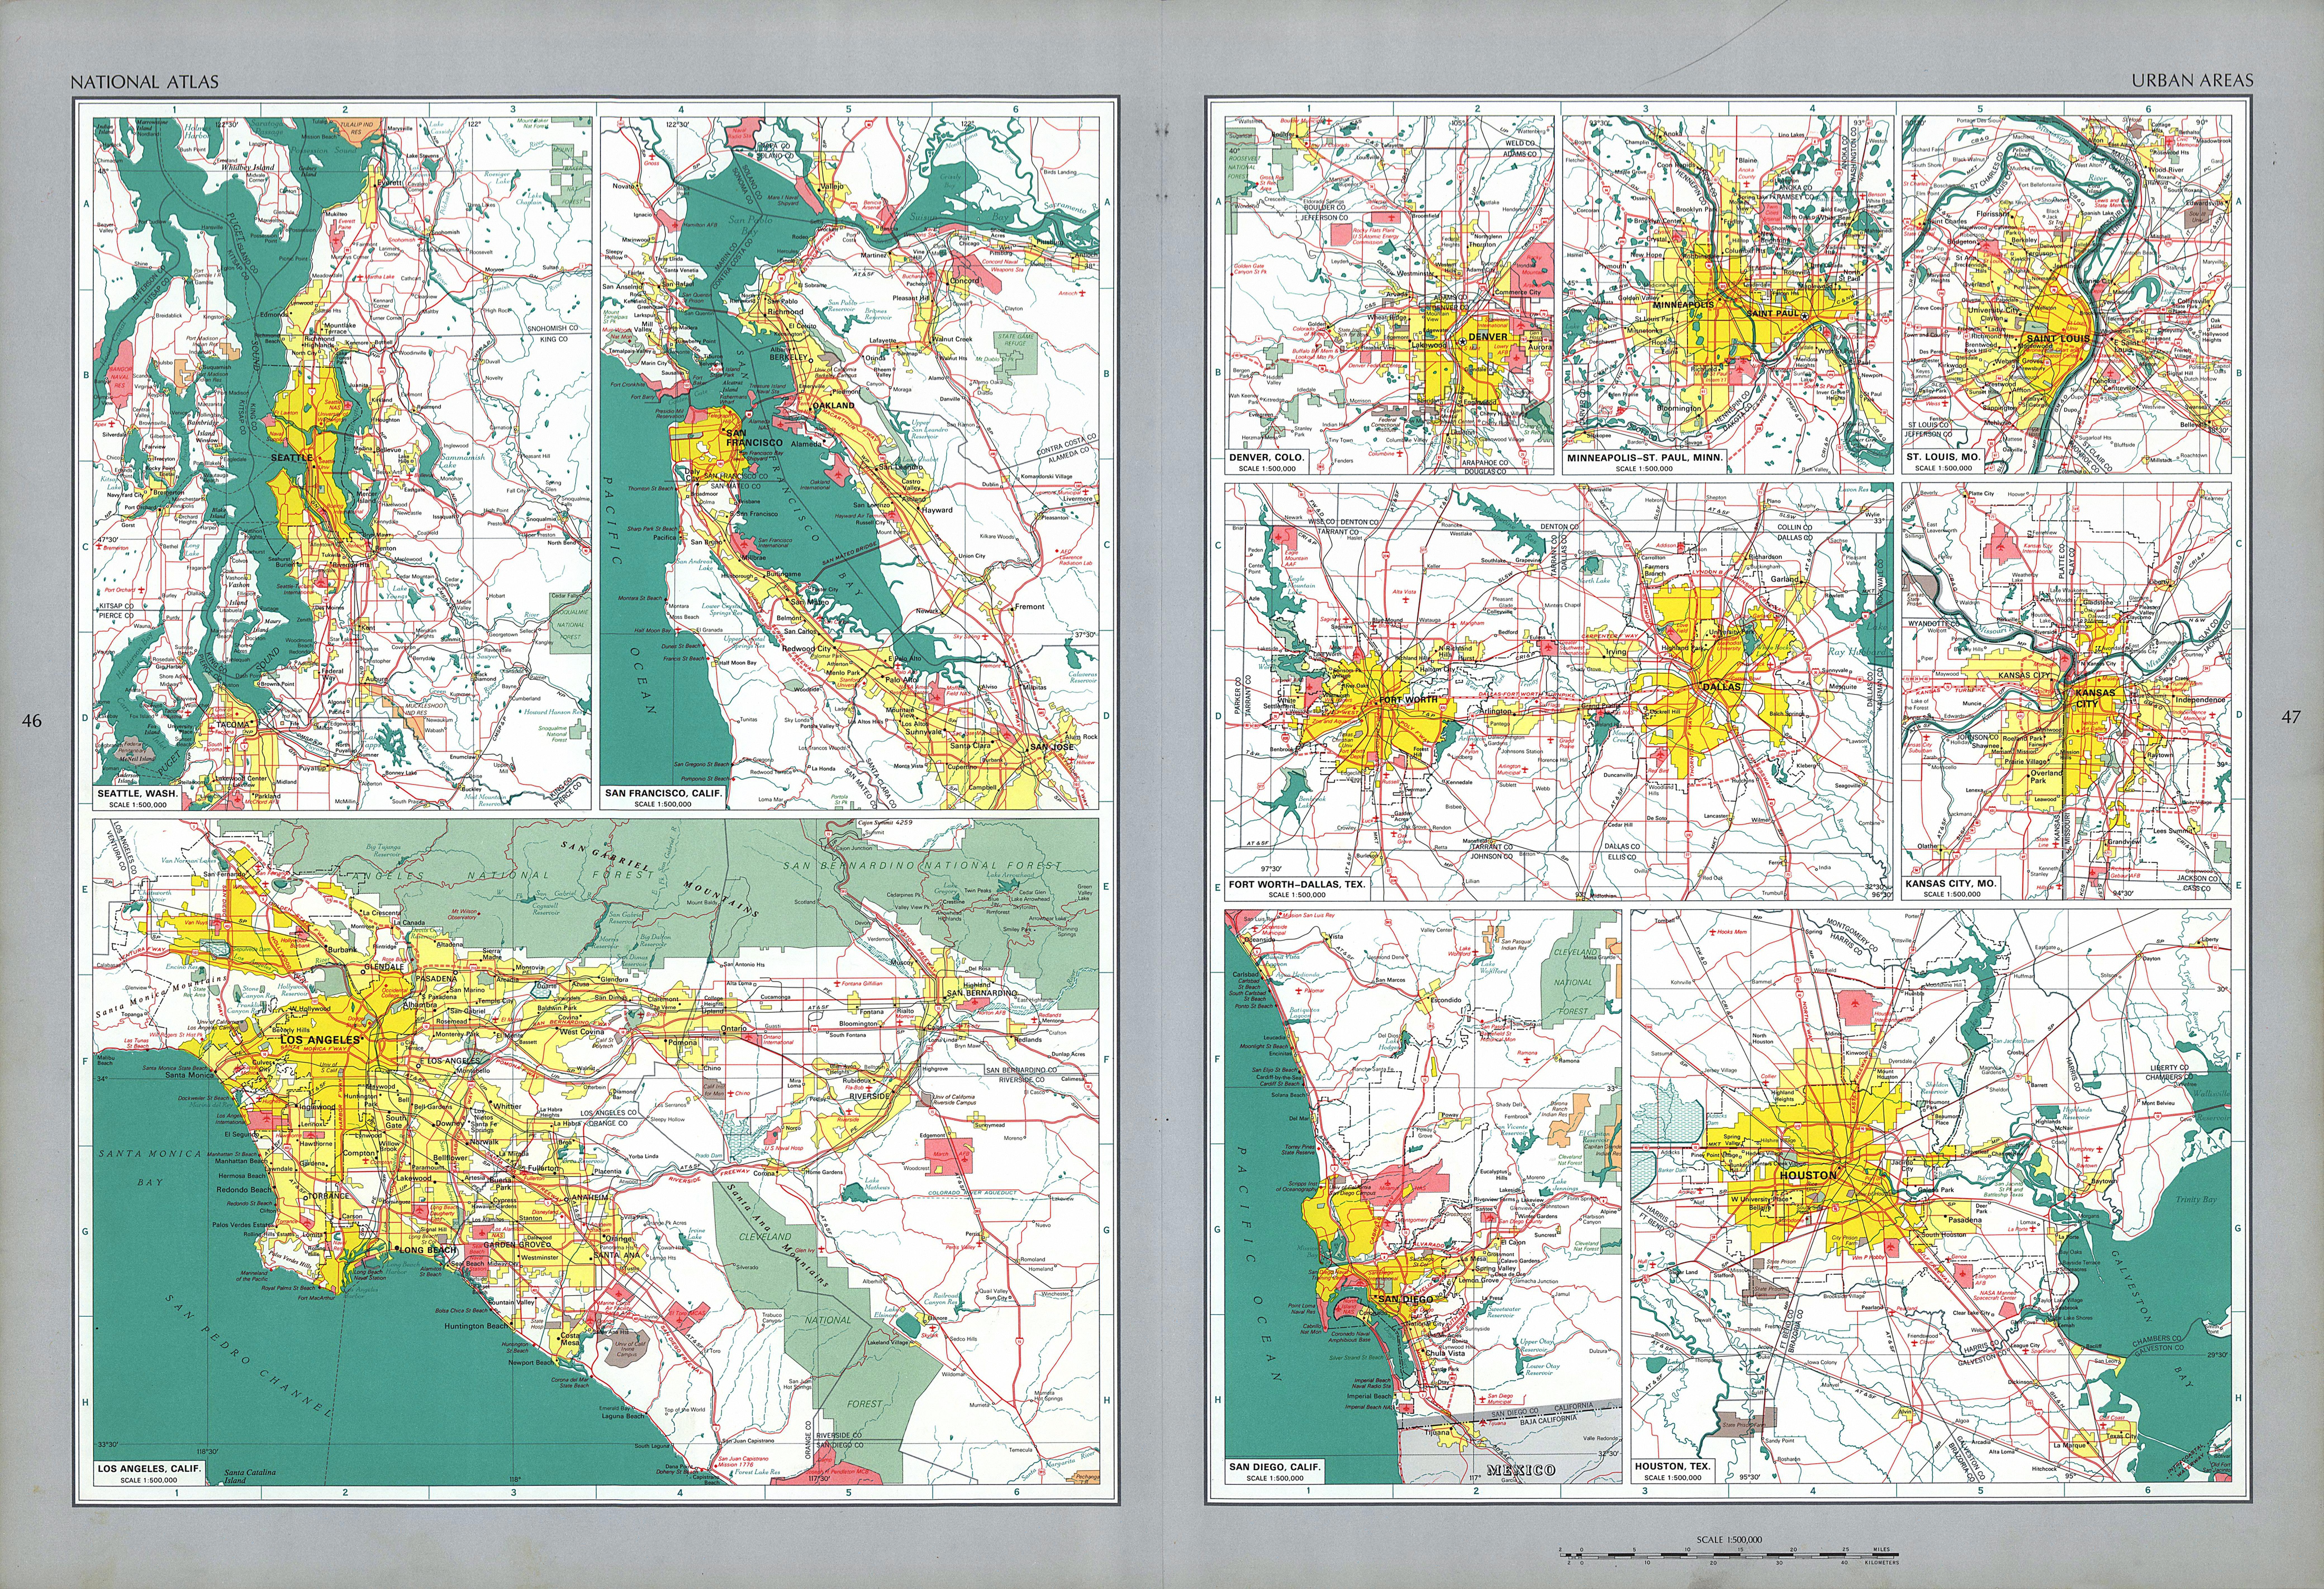 Mapa de las Áreas Urbanas de Estados Unidos